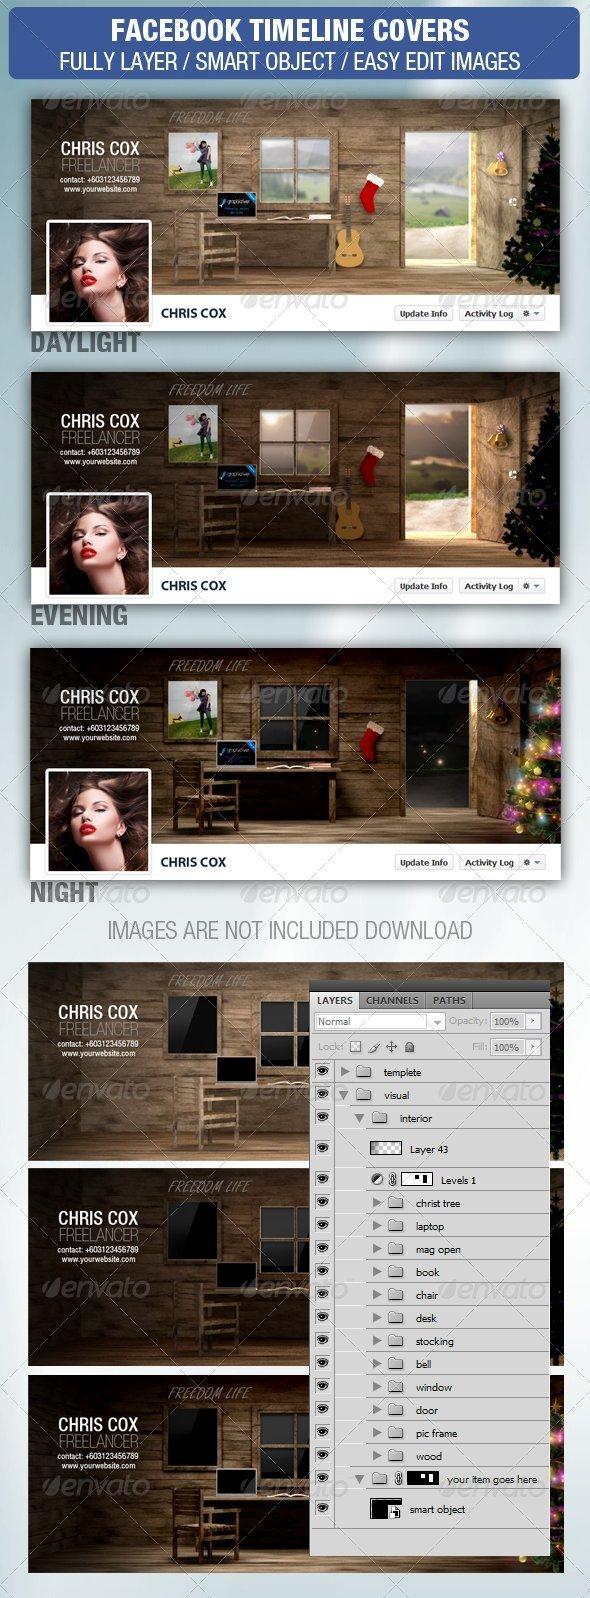 Facebook Timeline Cover - Freelancer - Facebook Timeline Covers Social Media